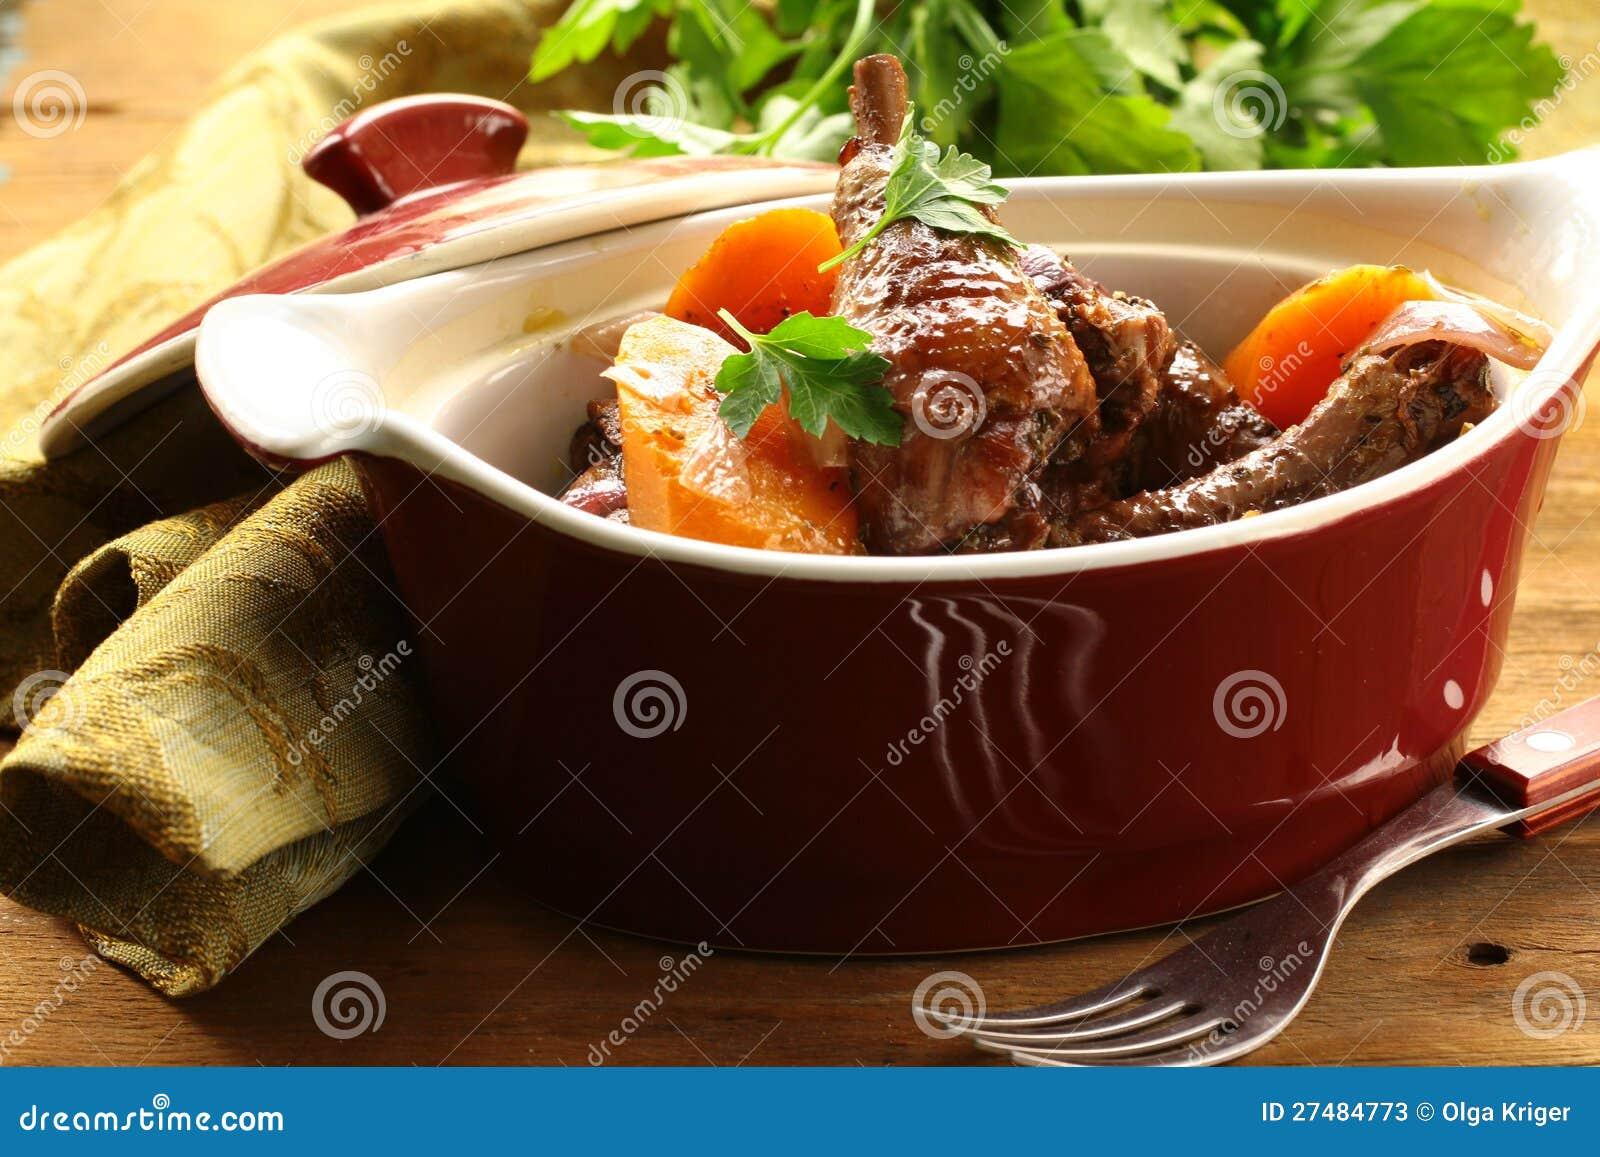 Traditionelle französische Küche - Huhn im Wein